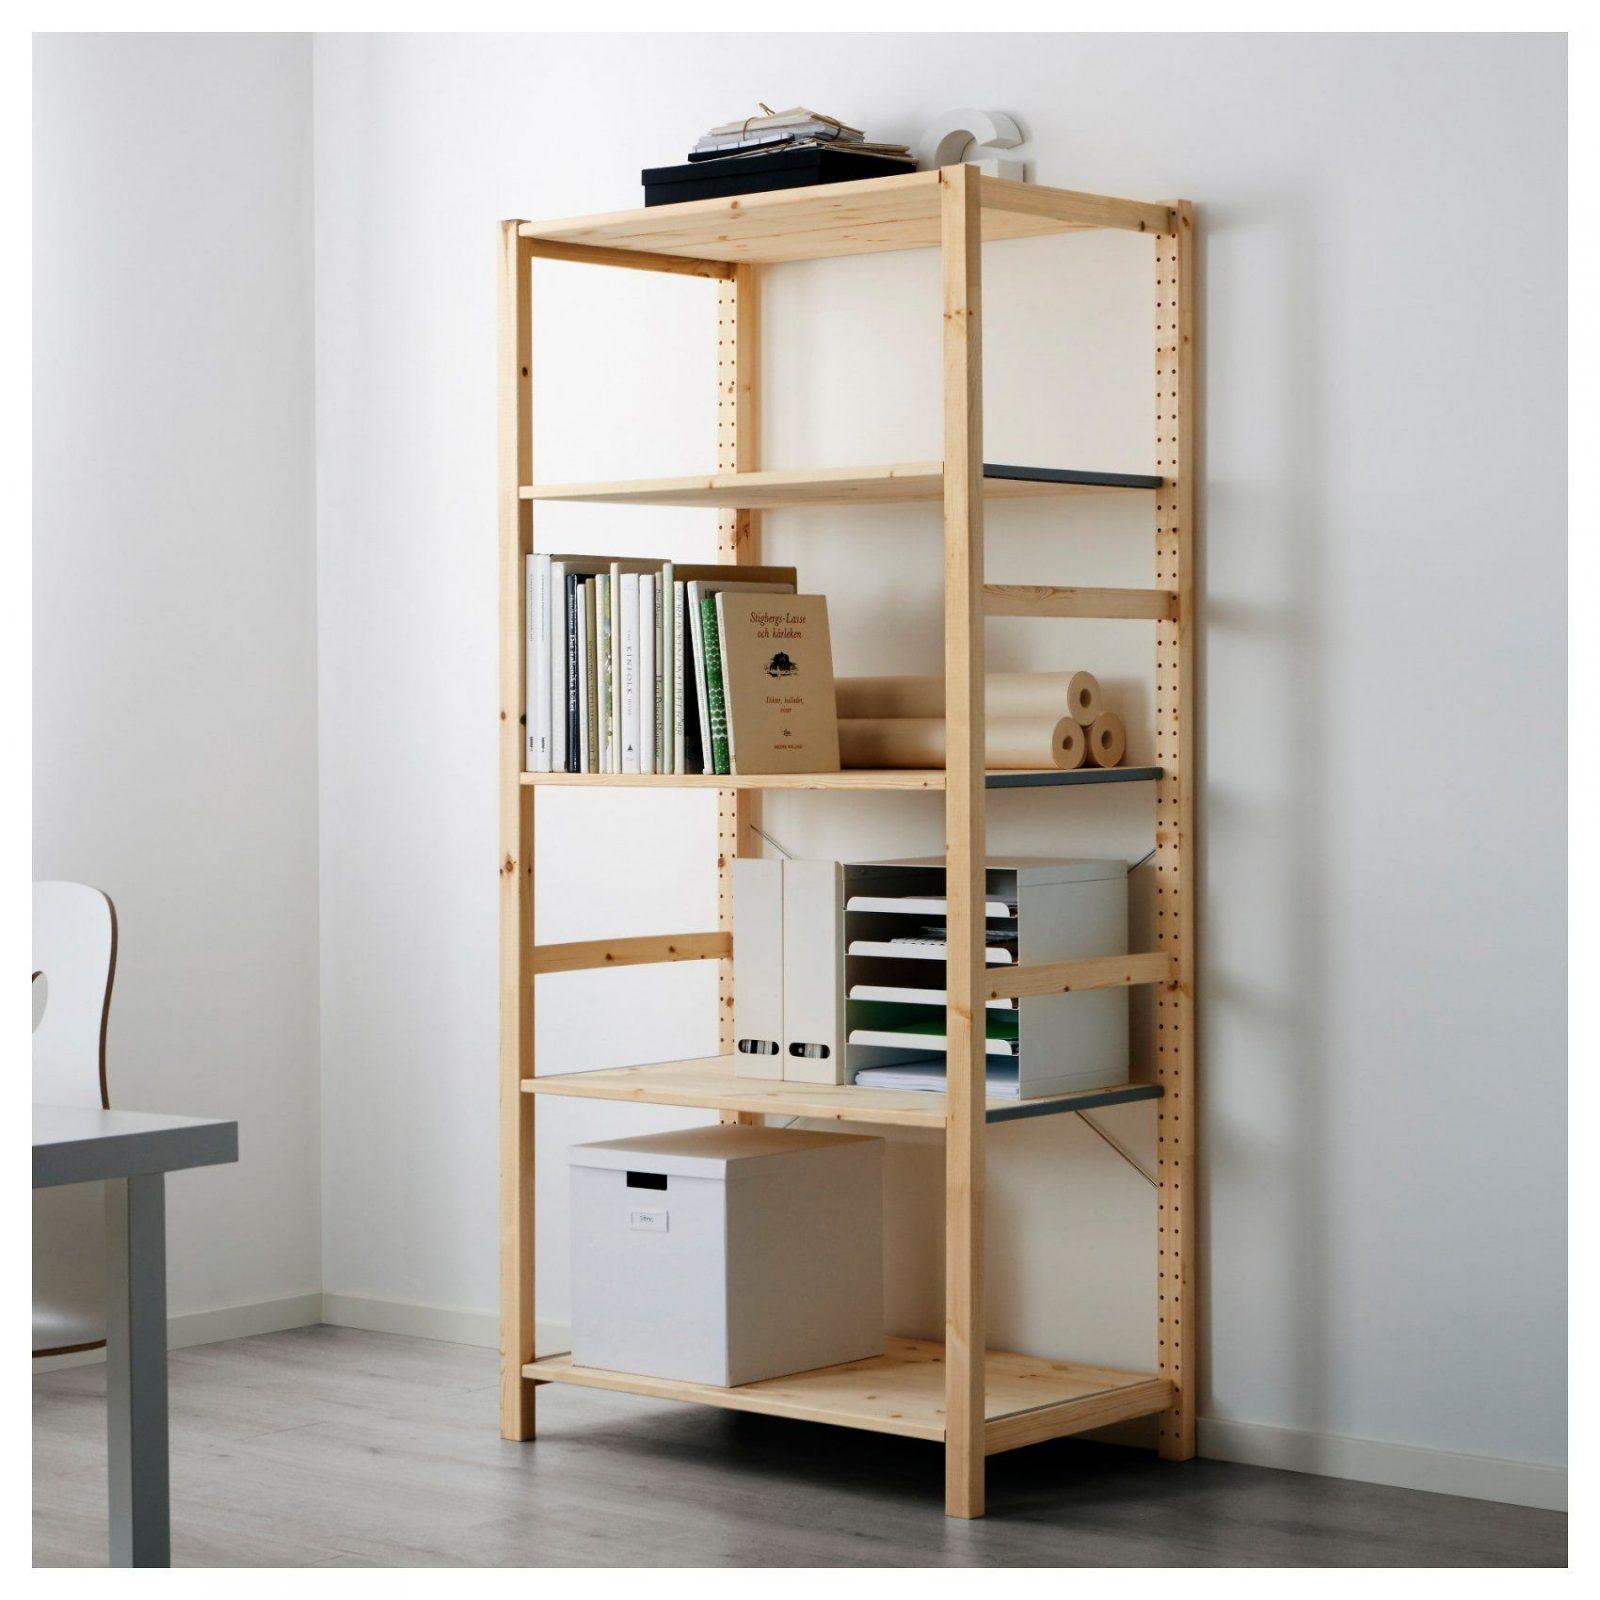 Ikea Ivar Regal Montageanleitung Haus Design Ideen